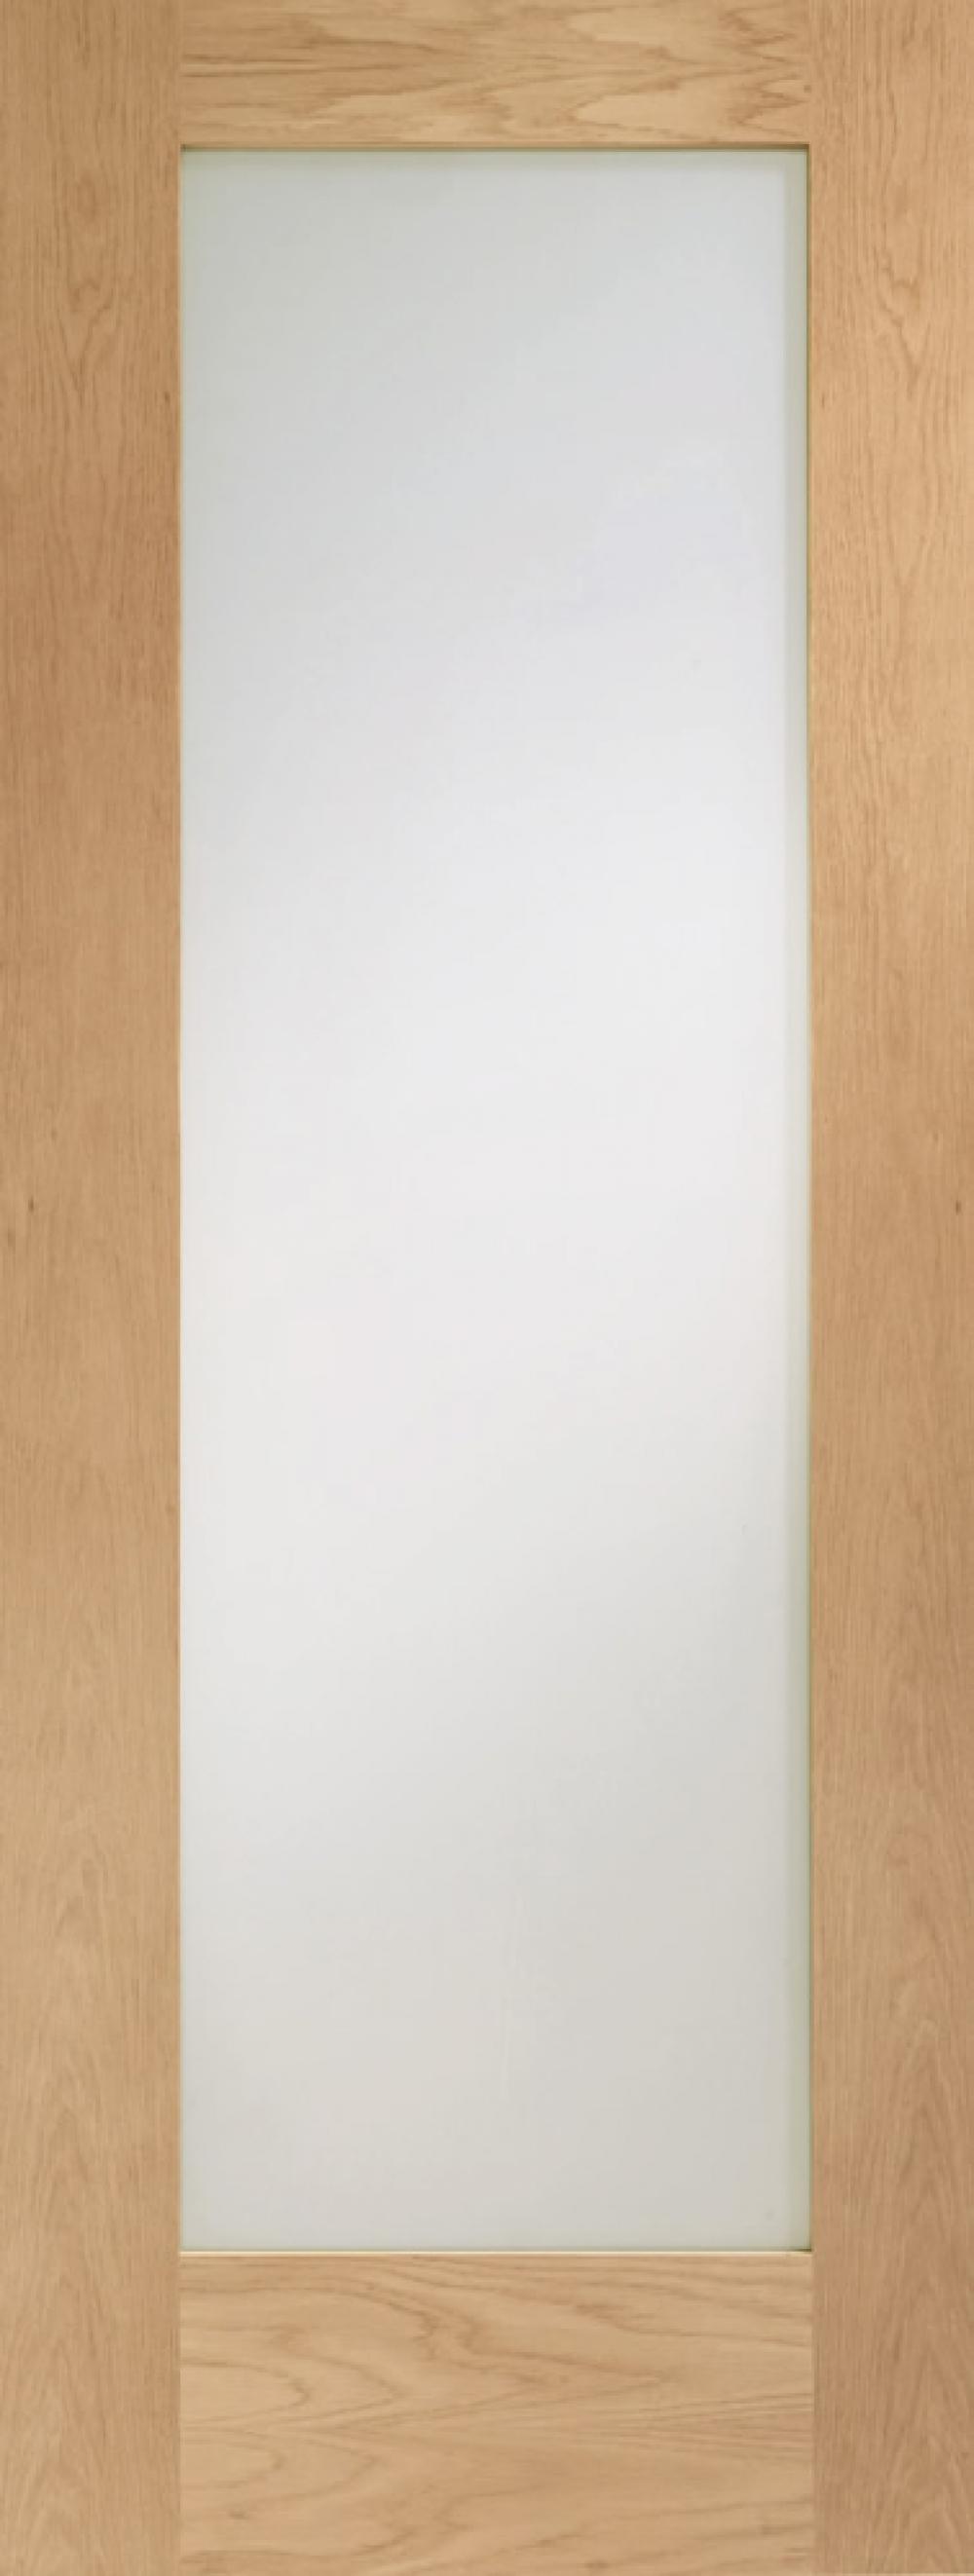 Pattern 10 Oak Glazed Door - Frosted PREFINISHED